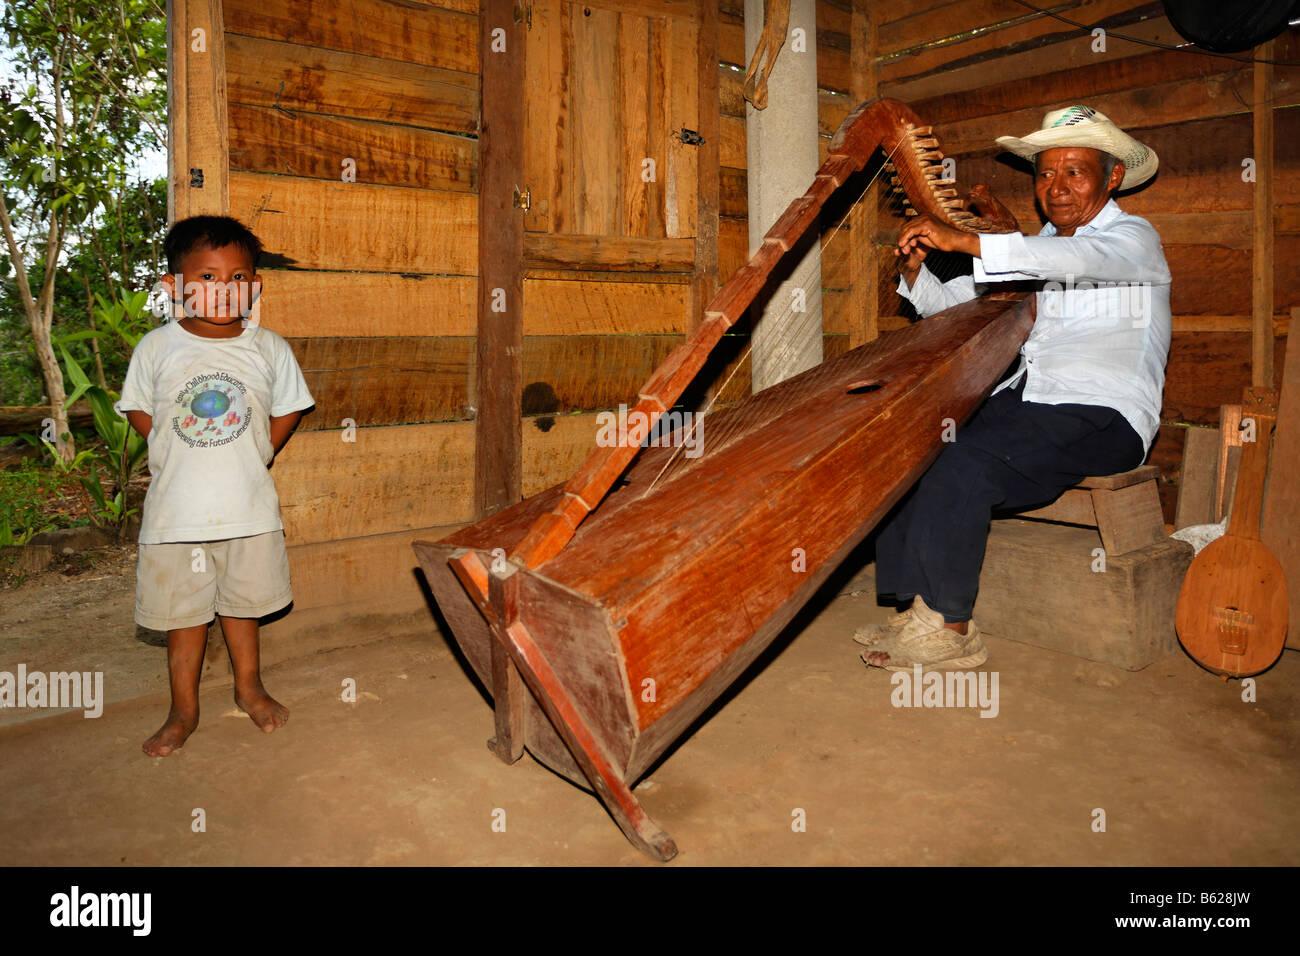 Einheimische Musiker spielt einen selbstgebauten Instrument, Harfe, kleiner Junge, Holzhütte, Punta Gorda, Stockbild